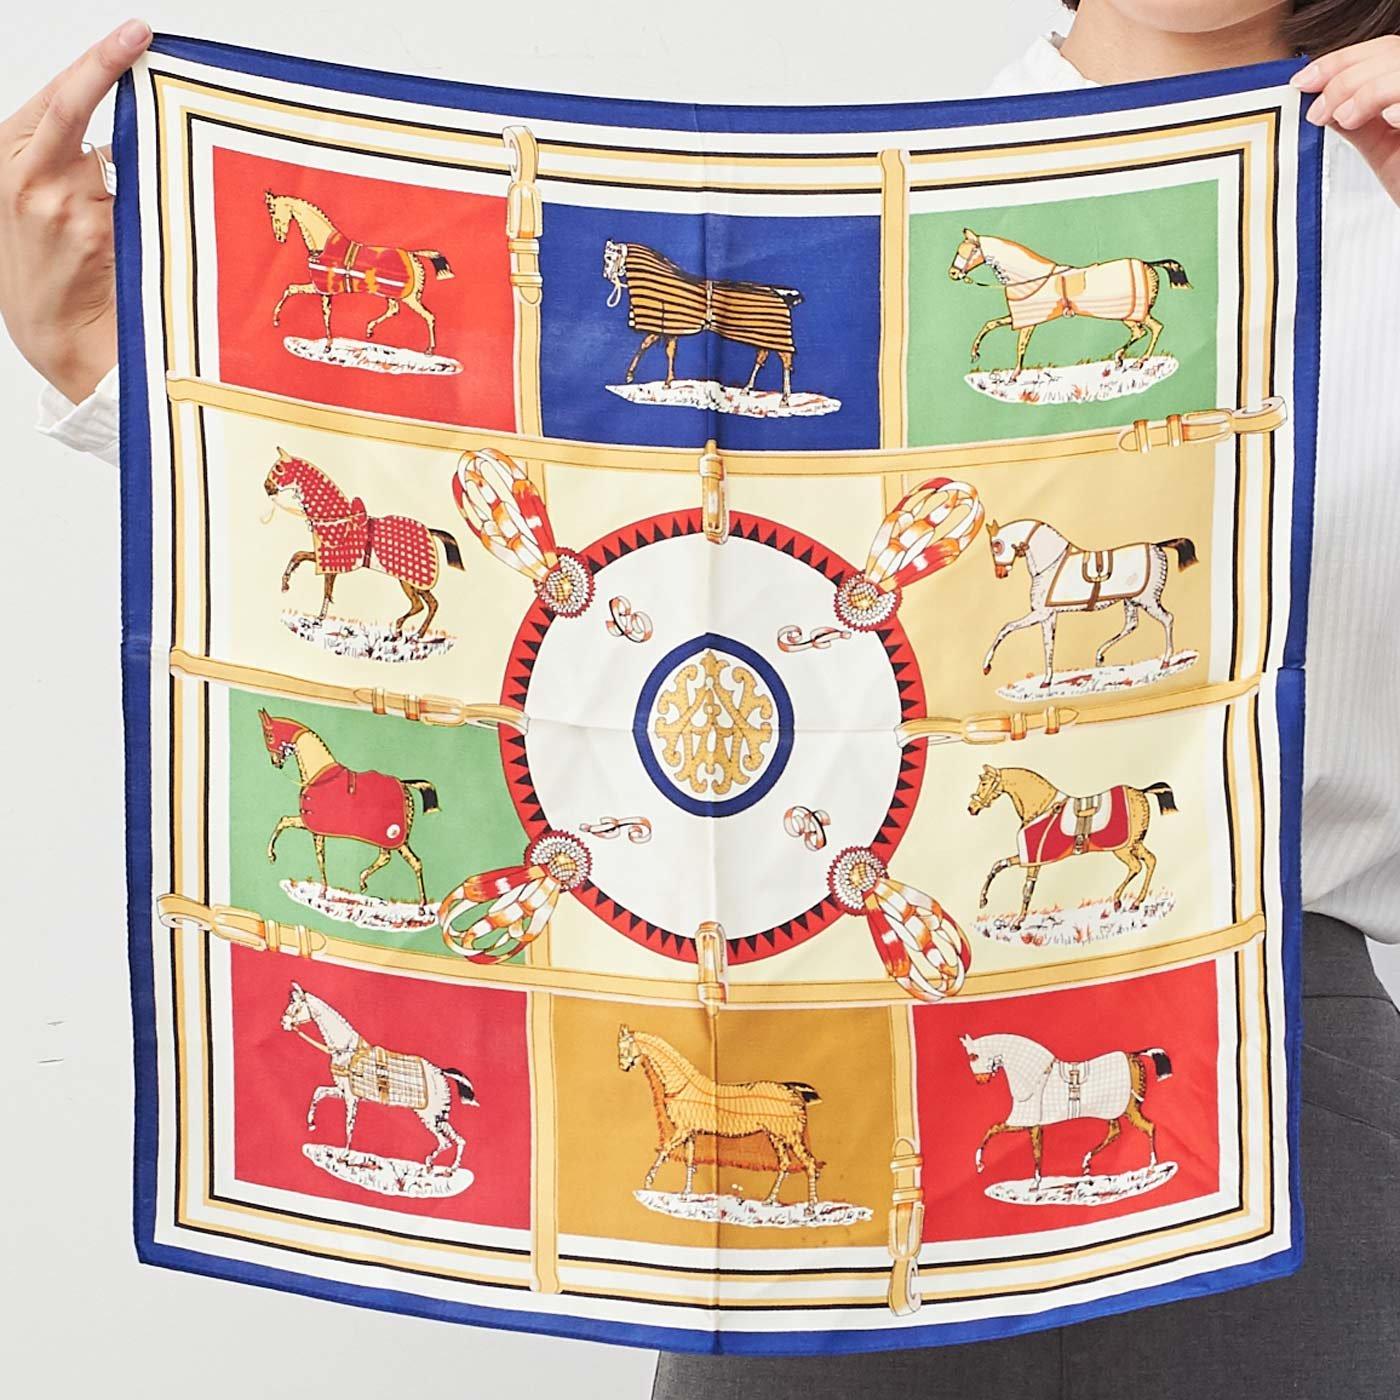 IEDIT[イディット] SELECT トレンドの馬柄を使ったシルクスカーフ 22778